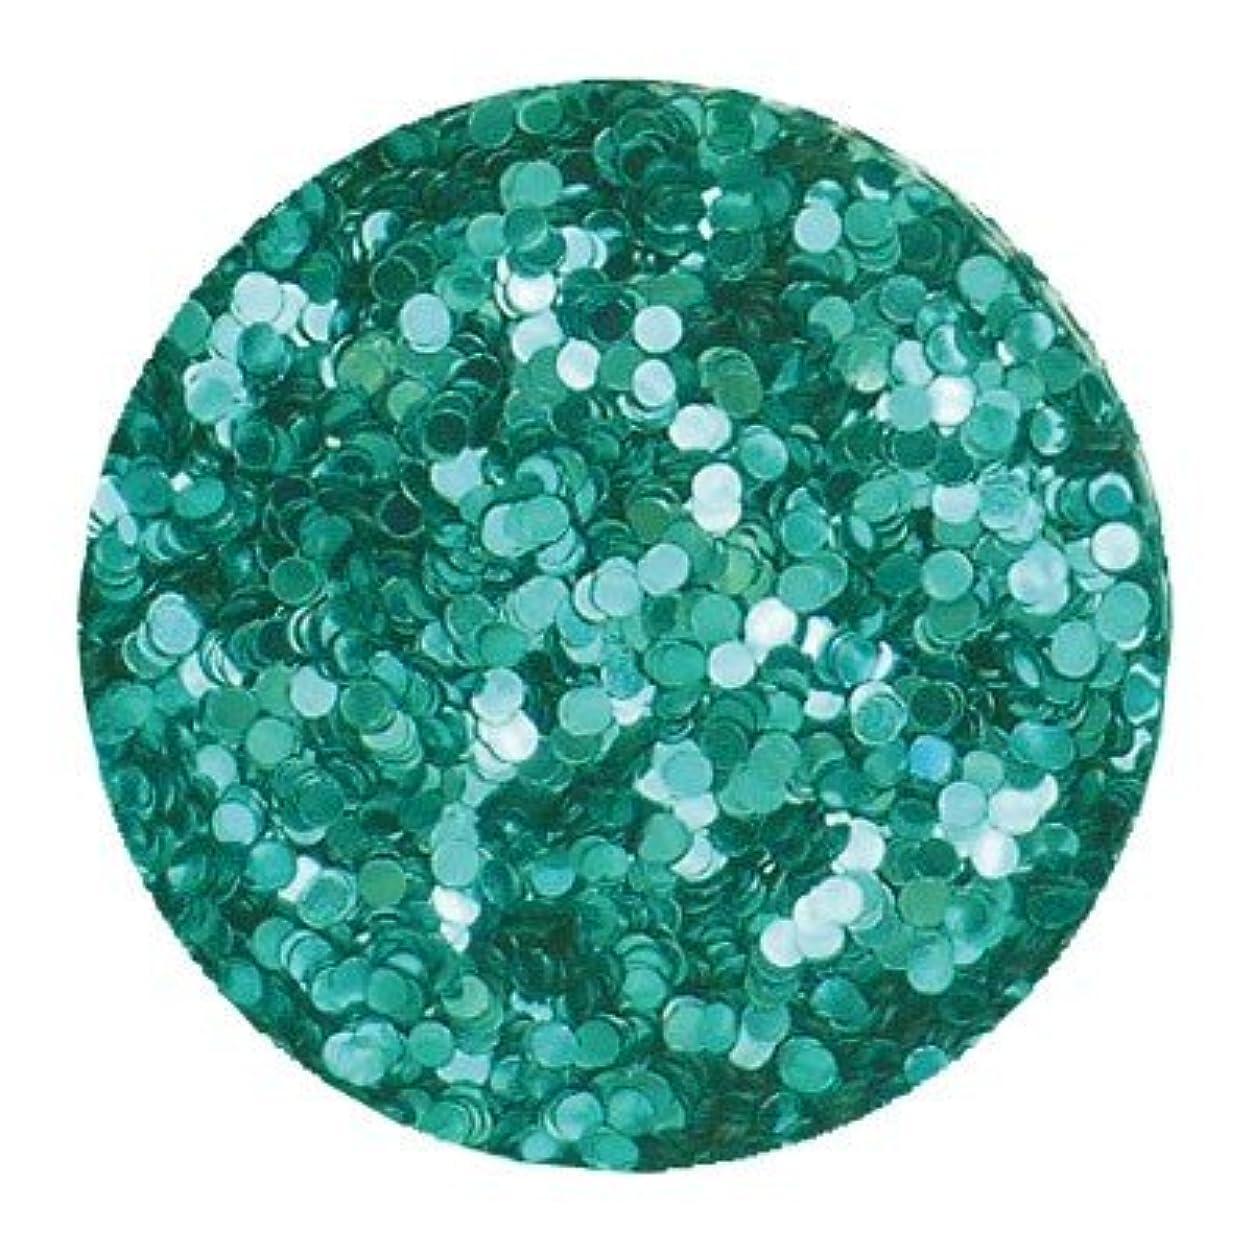 バックグラウンド更新する喜ぶエリコネイルメタリックブルーグリーン1mm